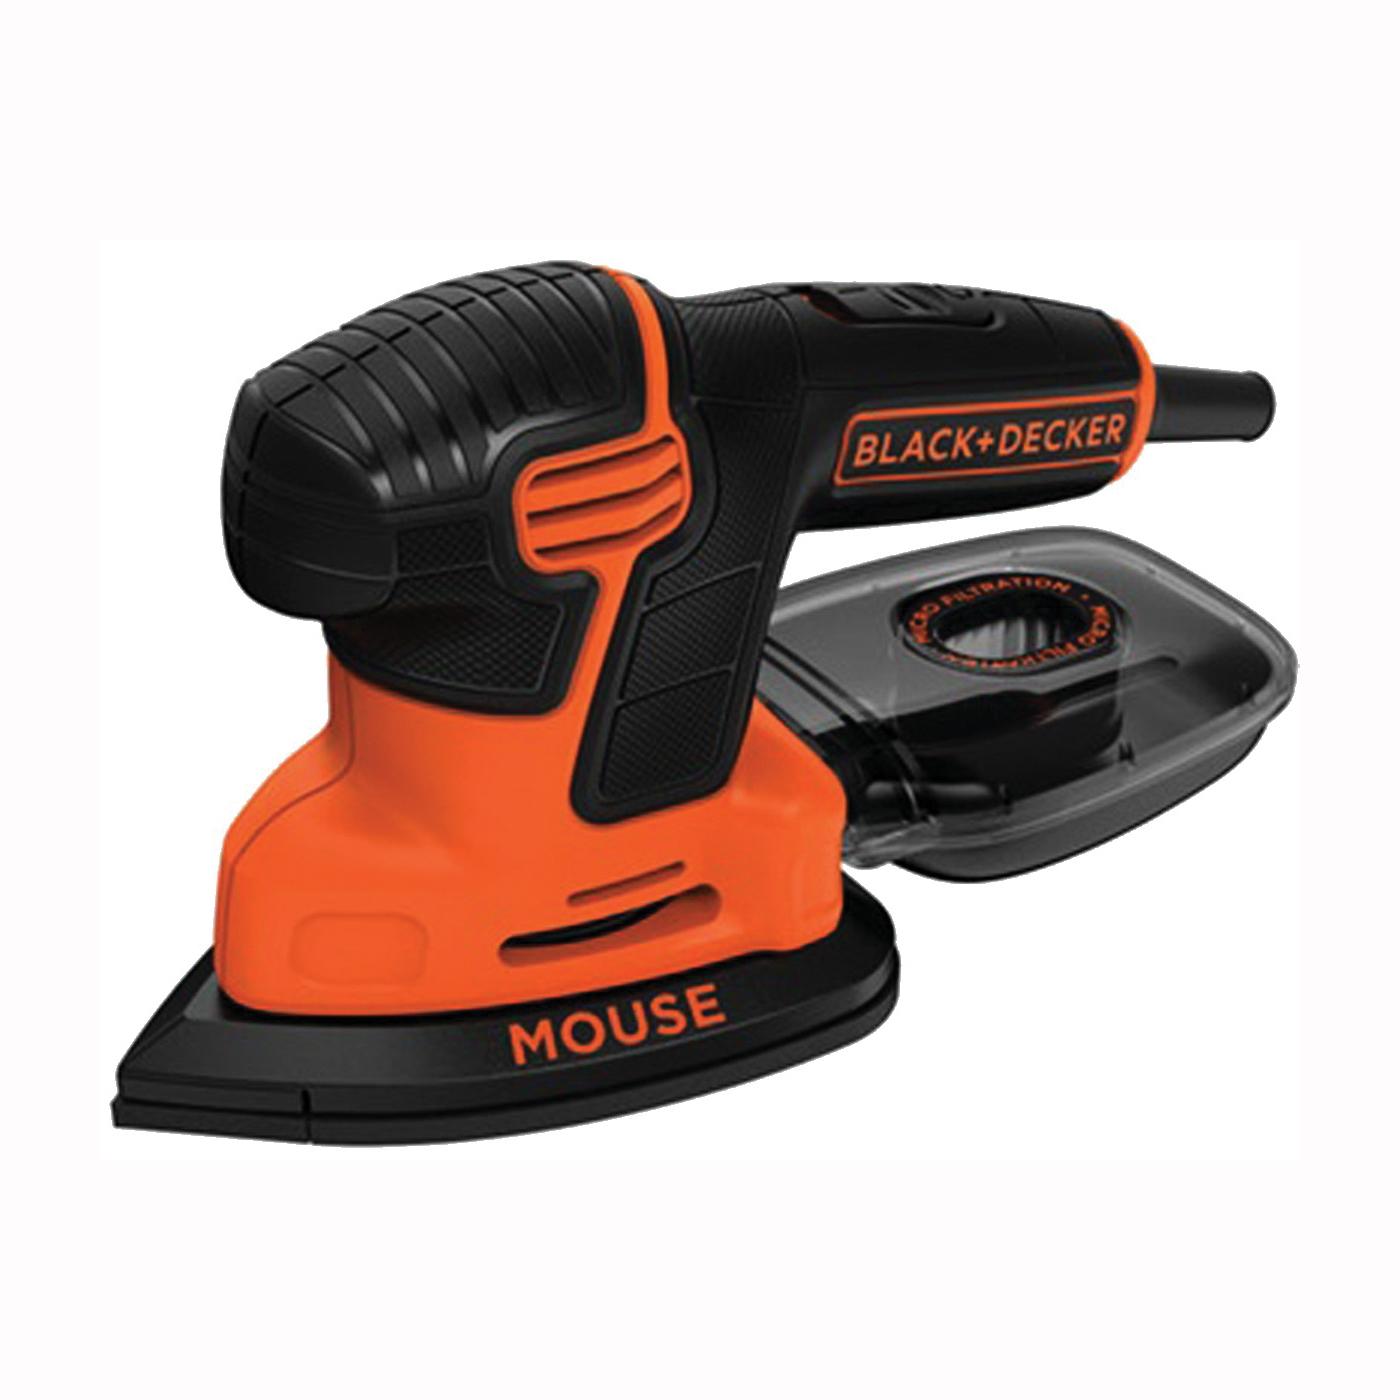 Picture of Black+Decker Mouse BDEMS600 Detail Sander, 1.2 A